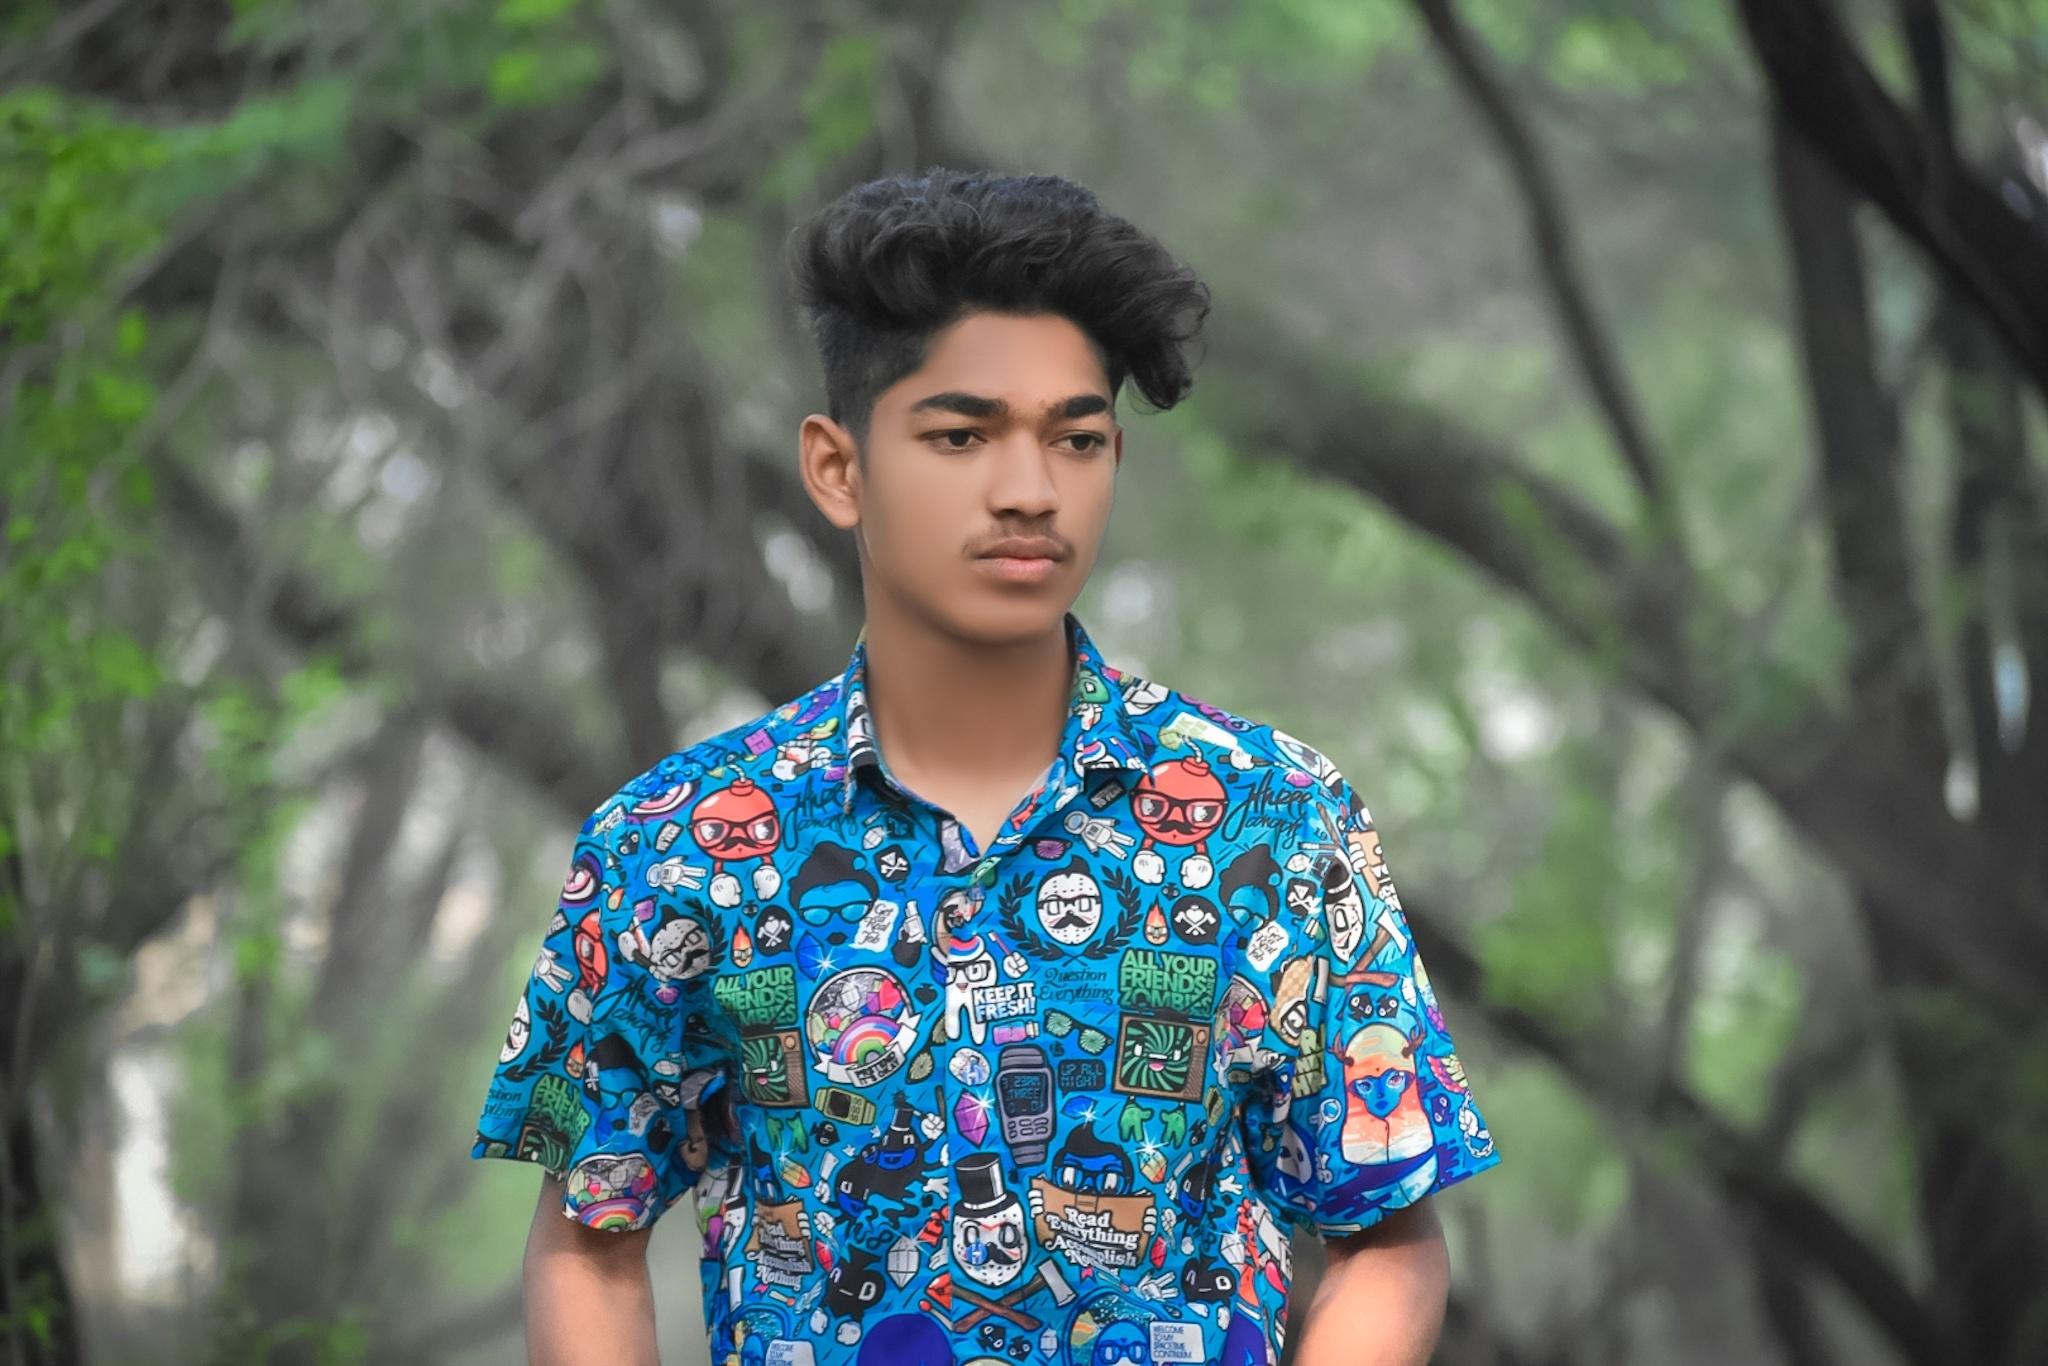 Boy posing in style